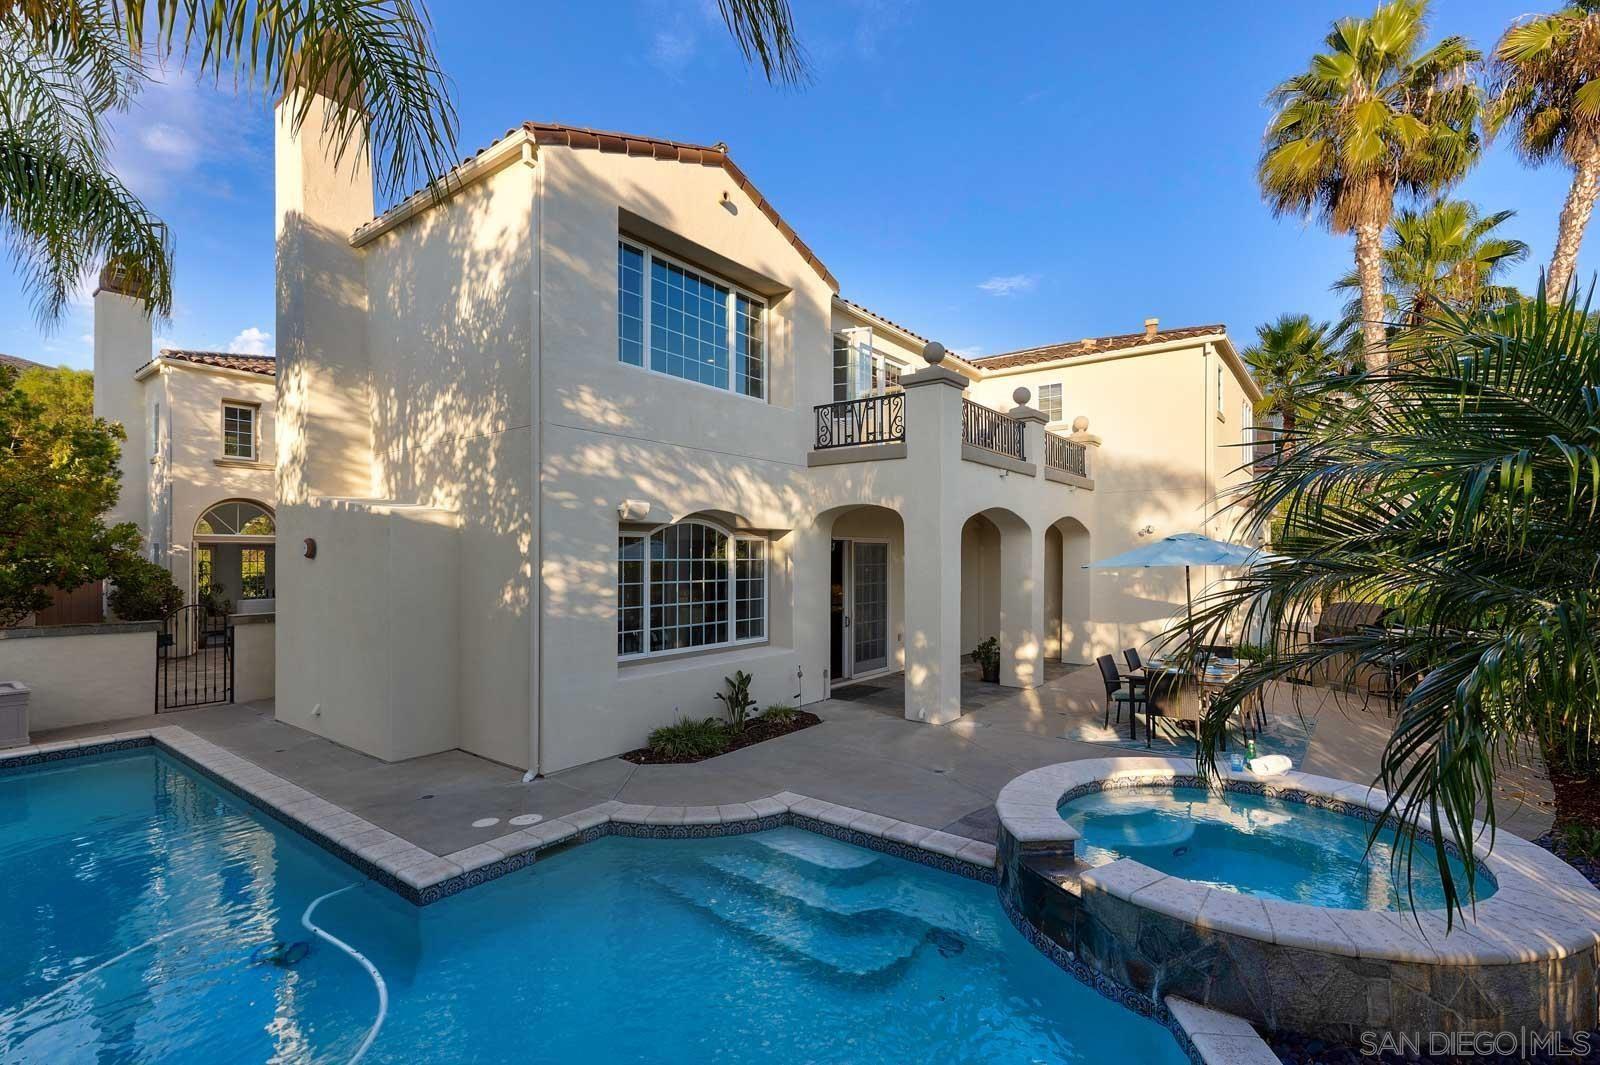 17168 Blue Skies Rdg, San Diego, CA 92127 - #: 210026695